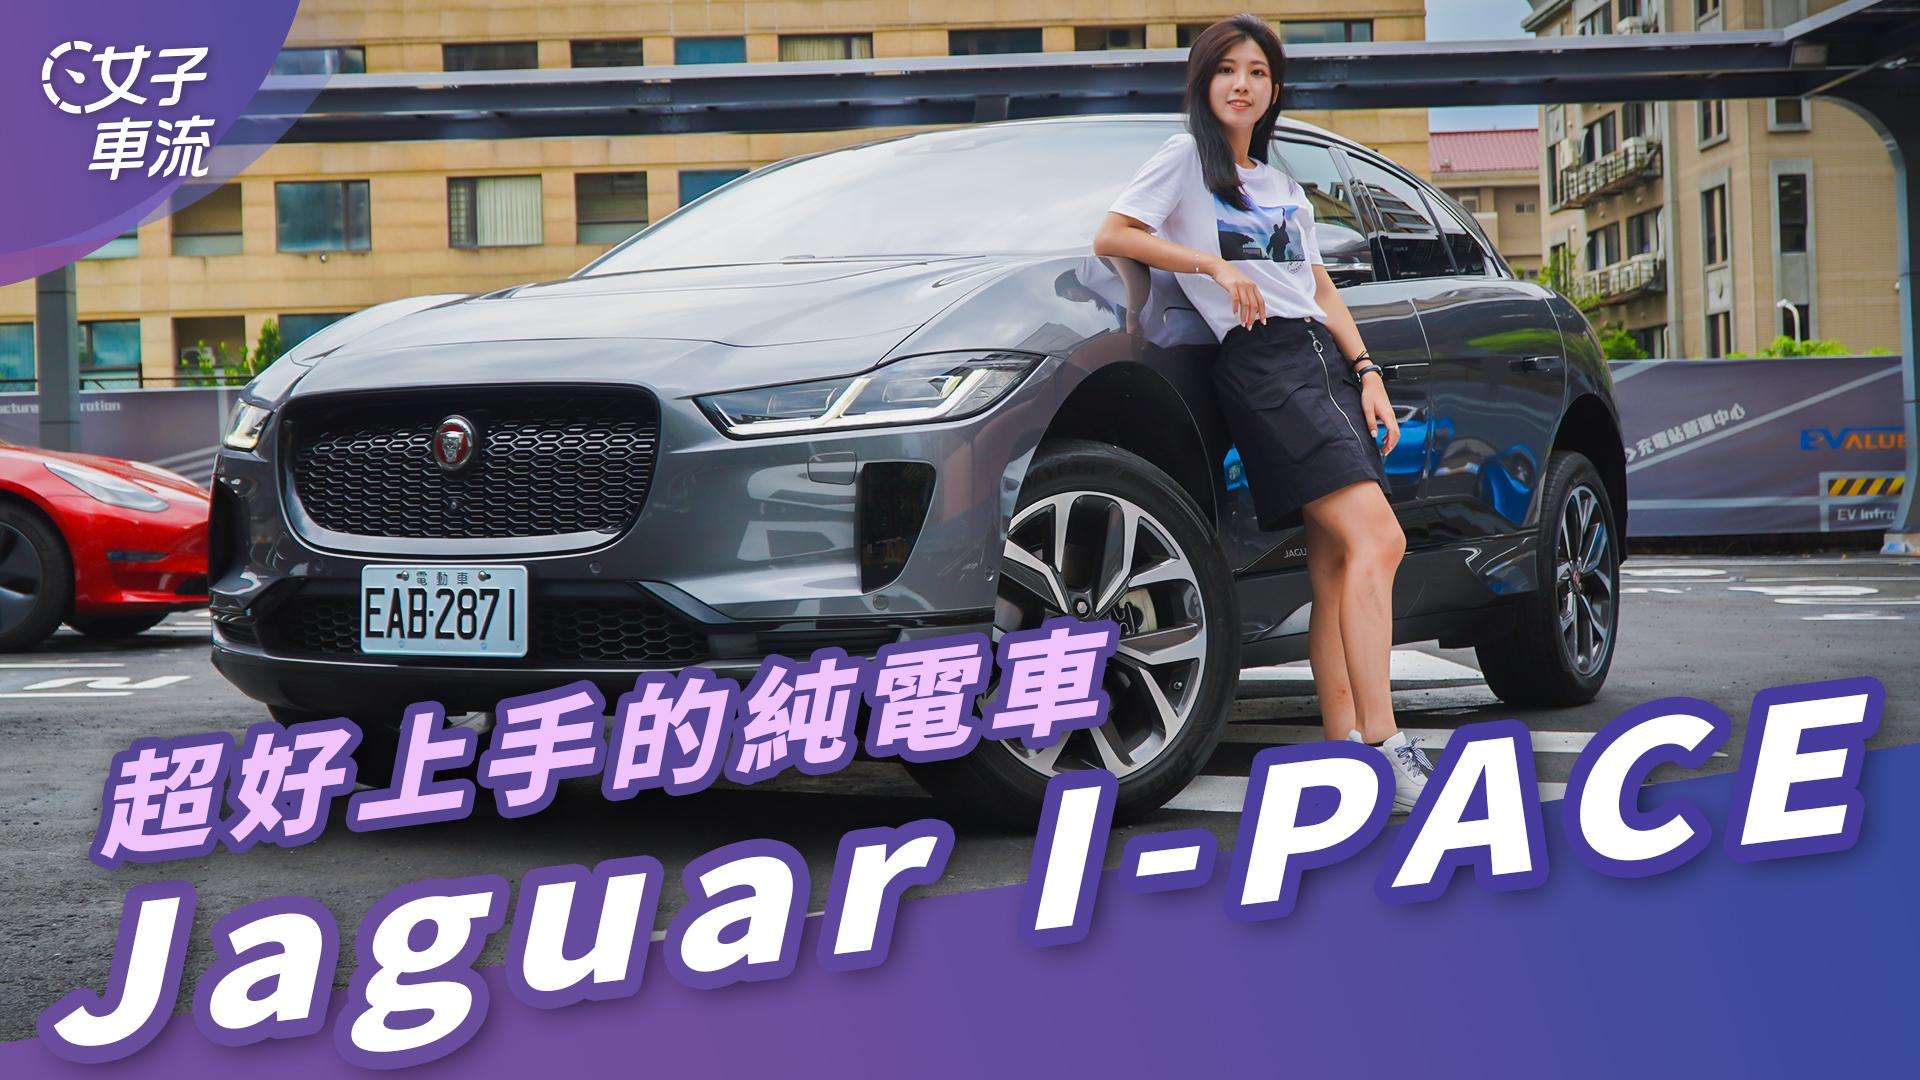 試駕 Jaguar 第一台純電動車 豪華內裝保留油車元素